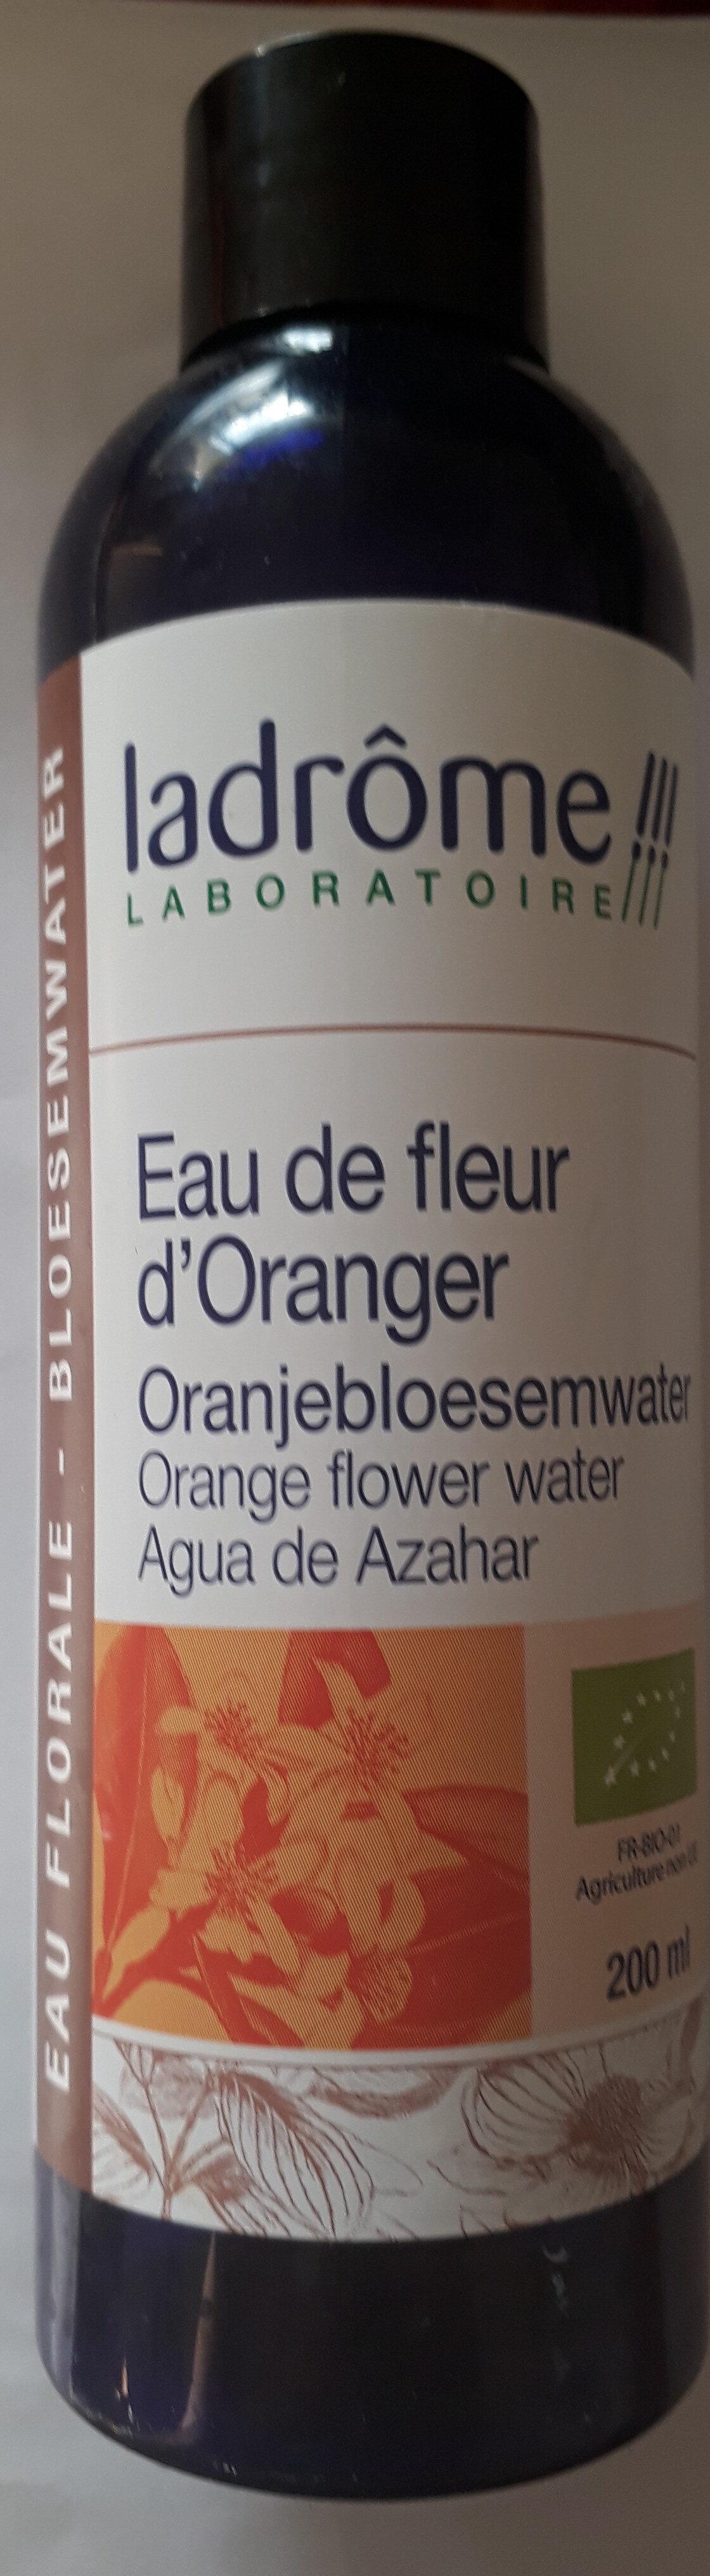 Eau de fleur d'oranger - Produit - fr